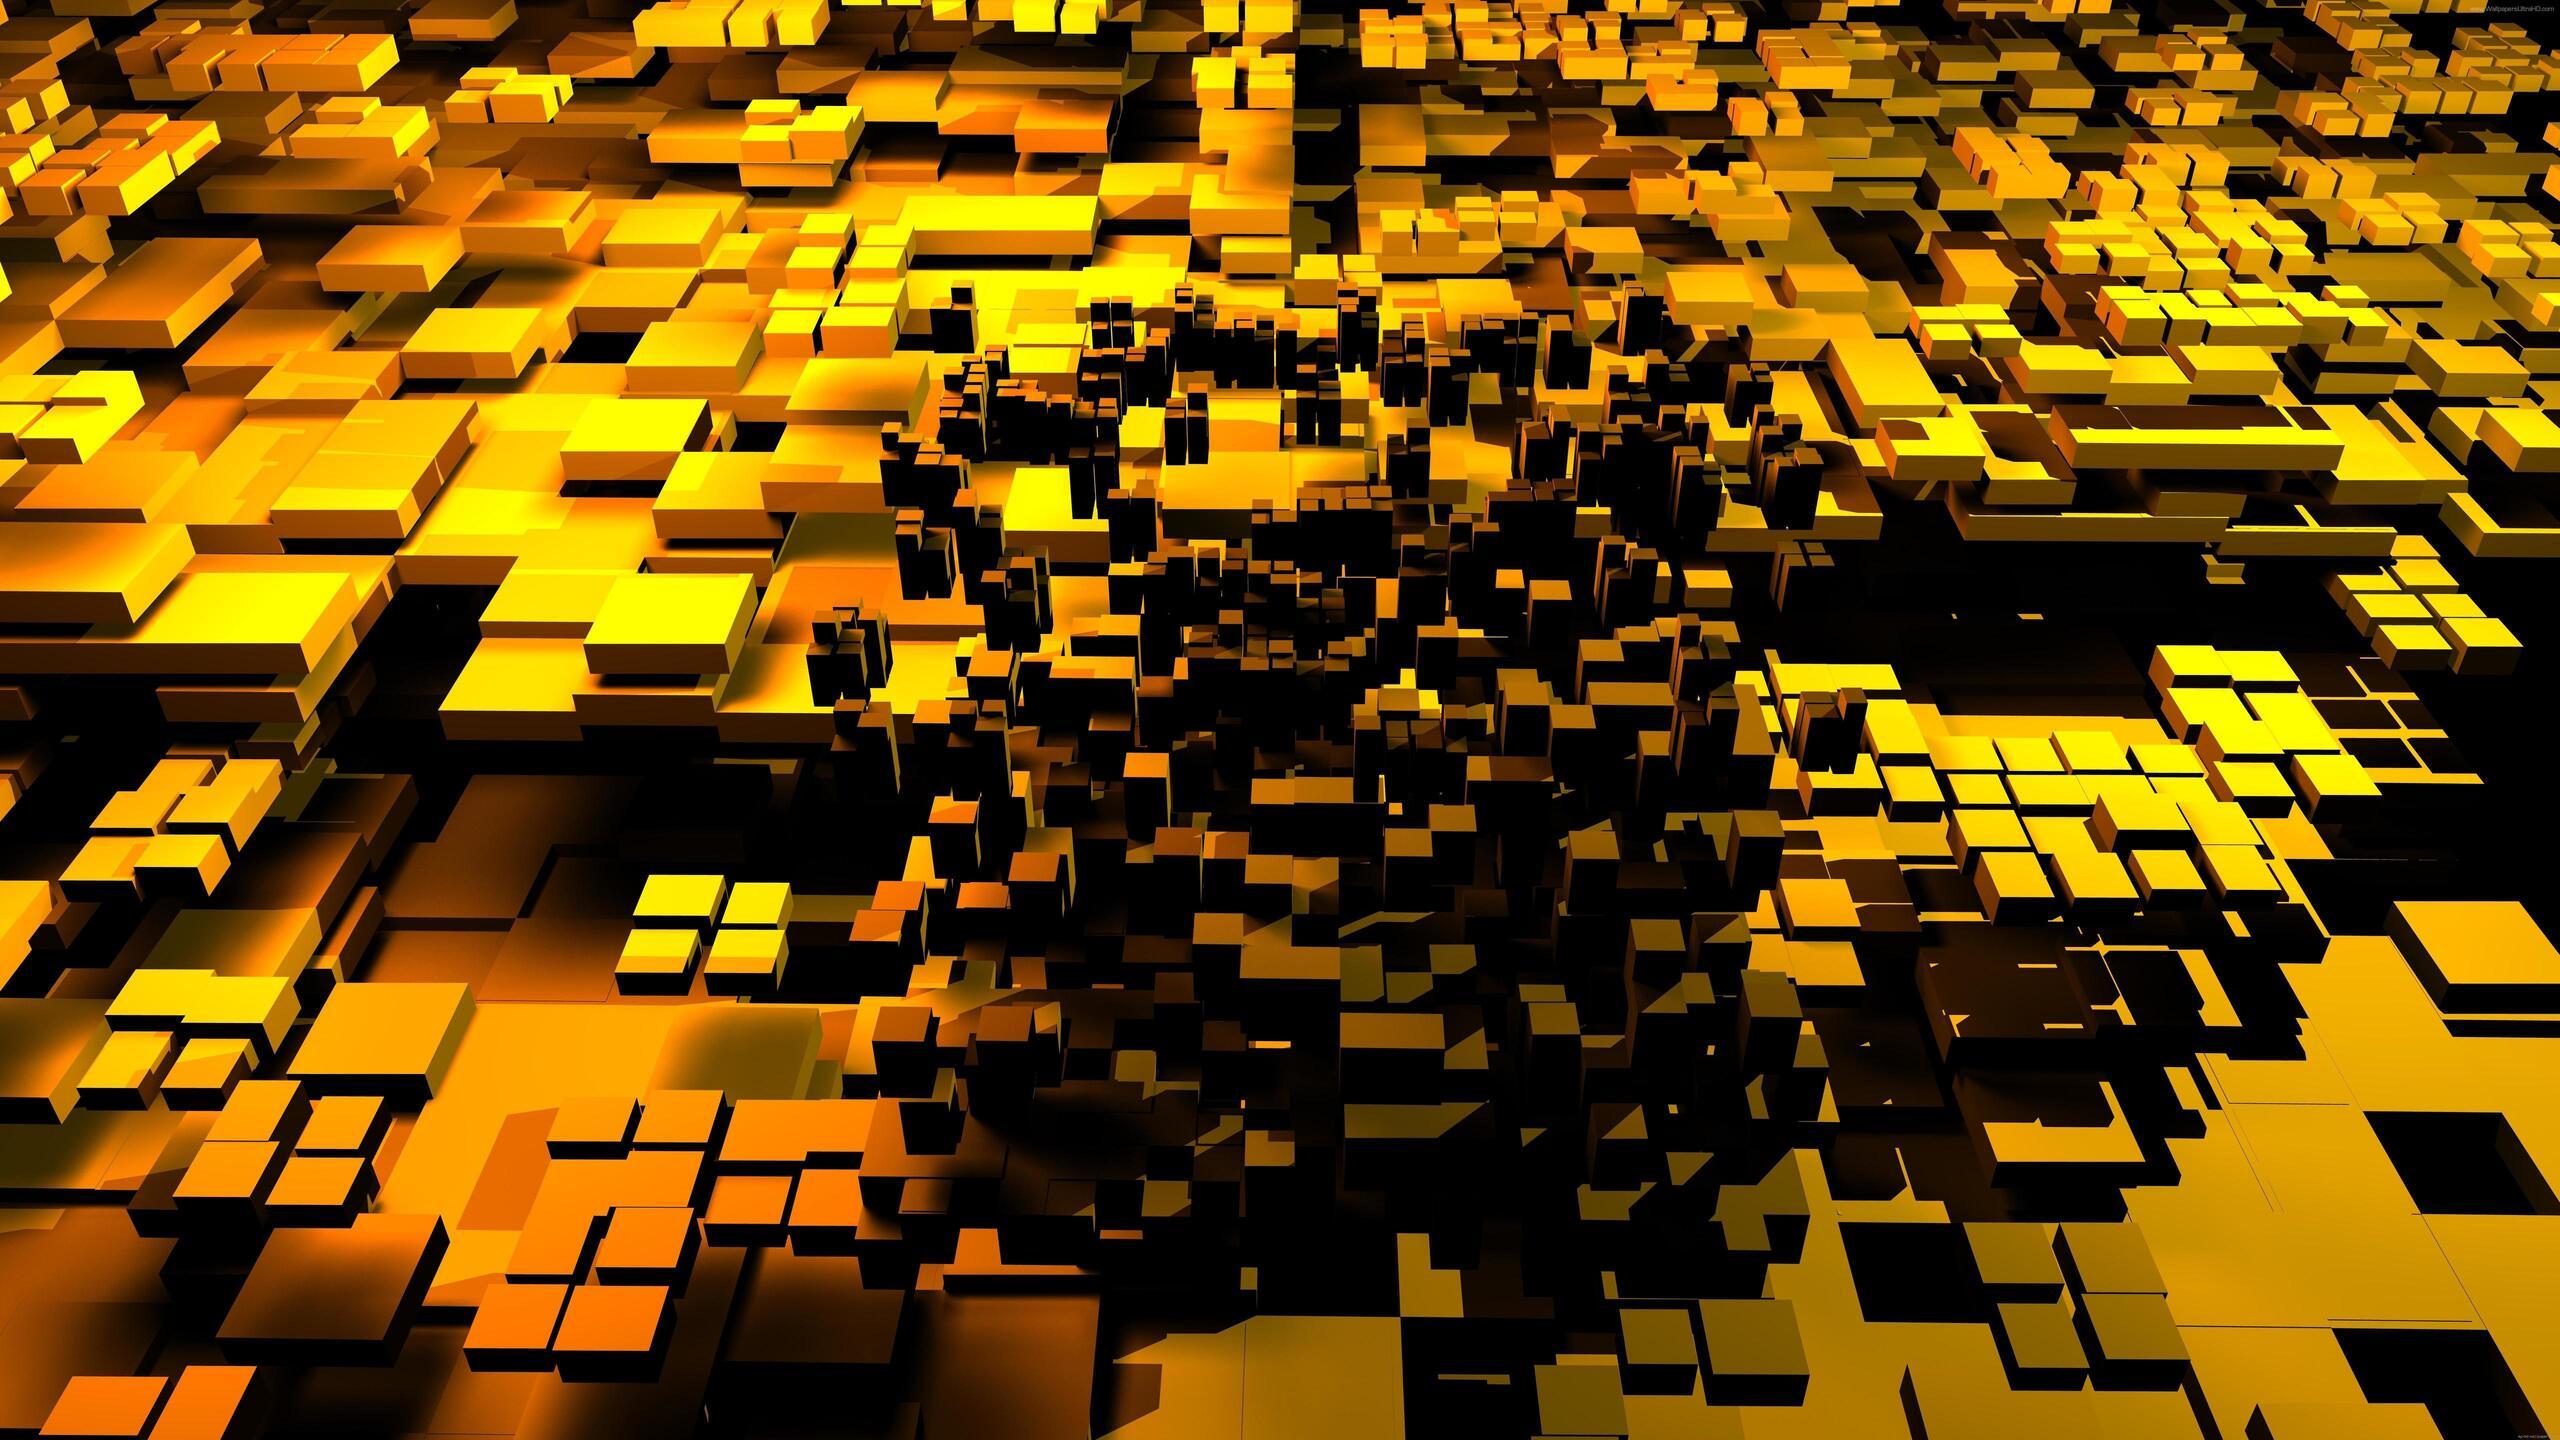 3d-cubes-gold-5k-06.jpg